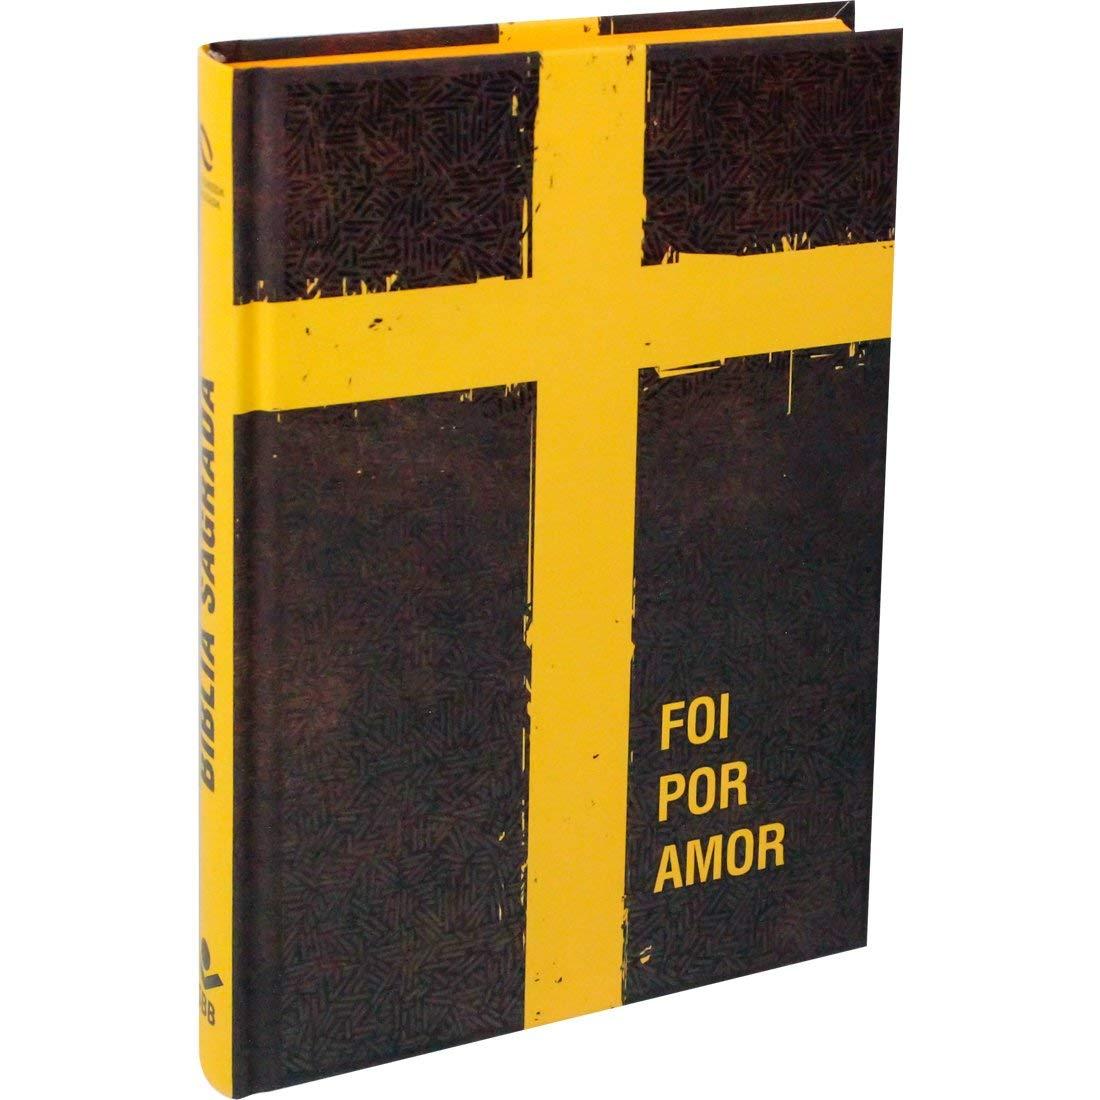 Bíblia Sagrada - Capa Foi por Amor: Nova Almeida Atualizada (NAA)  - Universo Bíblico Rs